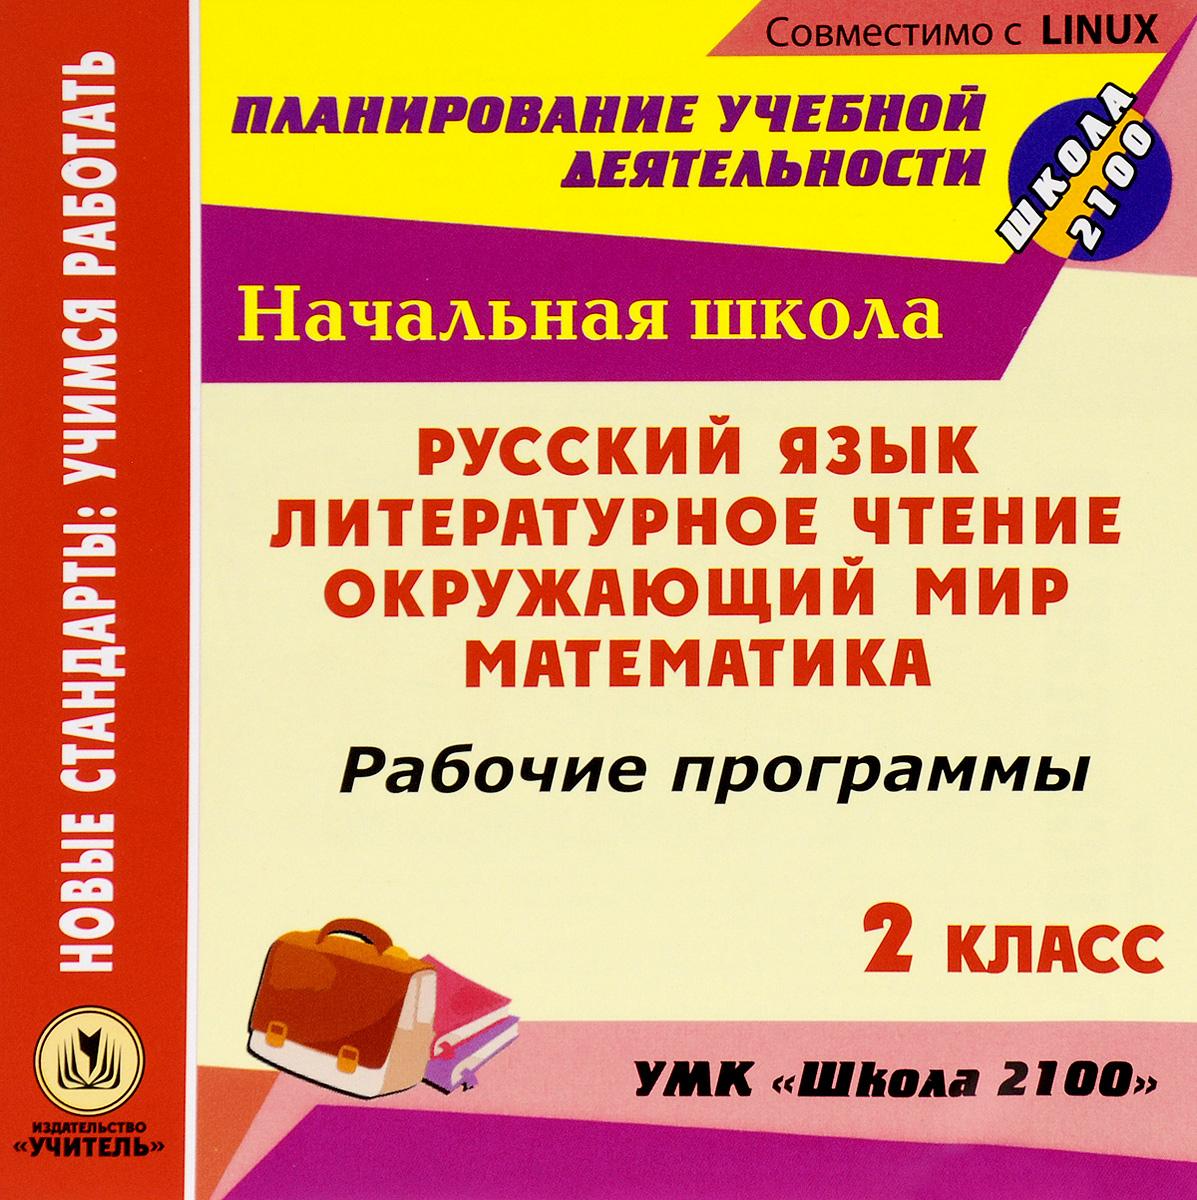 """Рабочие программы. УМК """"Школа 2100"""". 2 класс. Русский язык. Литературное чтение. Математика. Окружающий мир"""